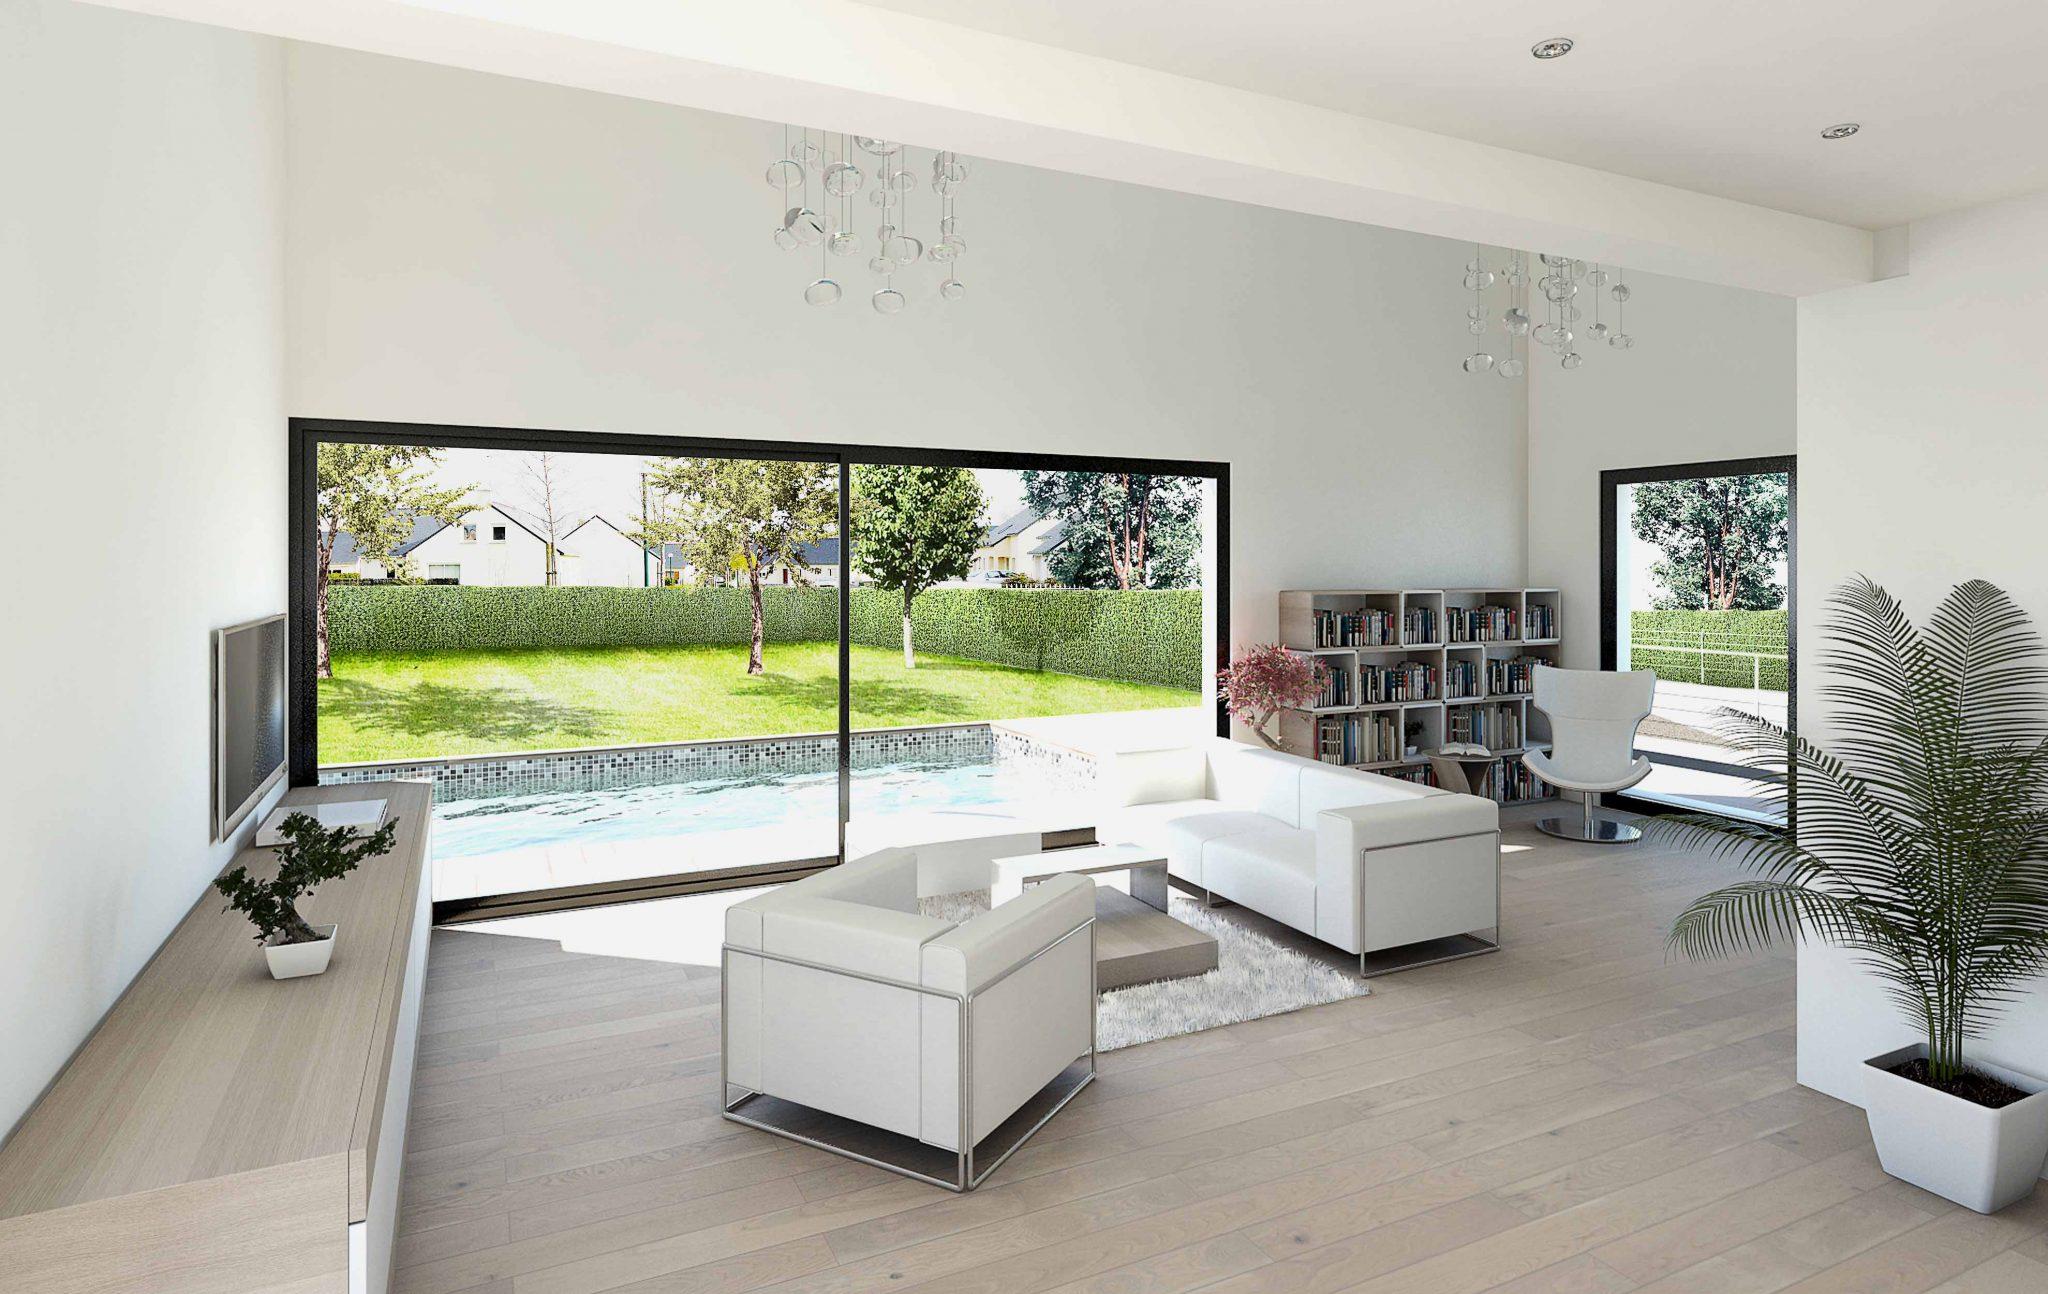 Architecture interieur villa moderne - Mc immo